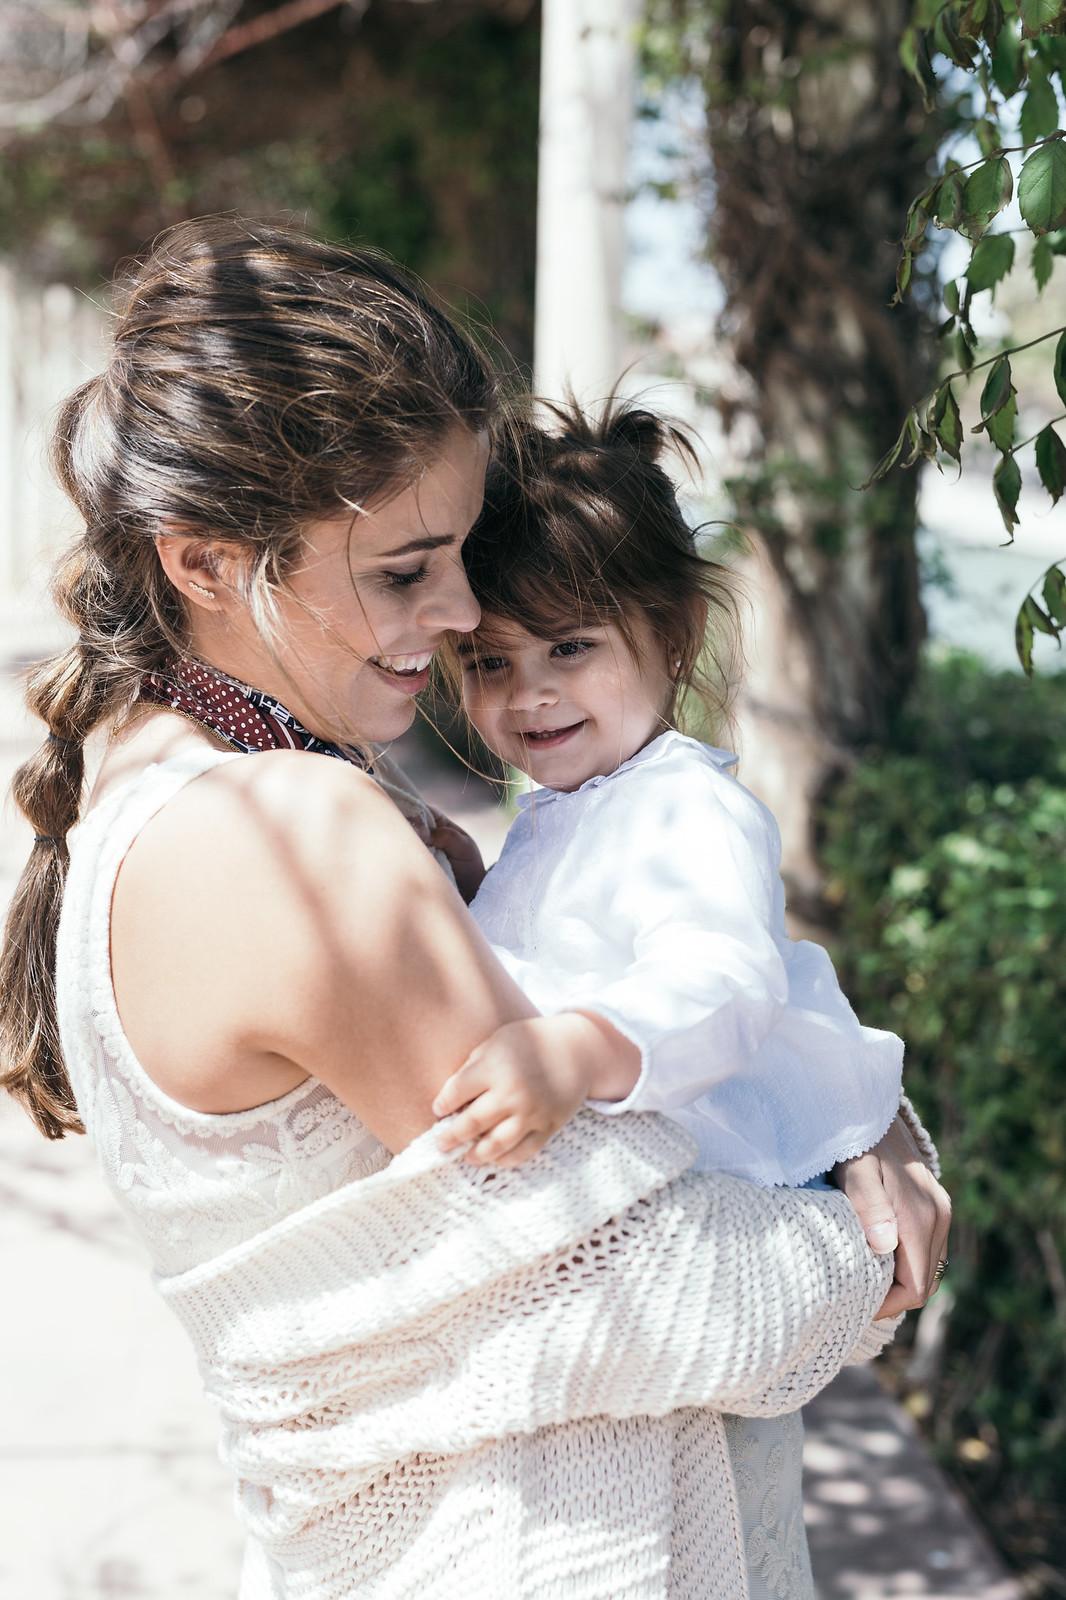 Jessie Chanes - Seams for a desire - El Corte Ingles - Giftlist - Lista de regalos dia de la madre -12